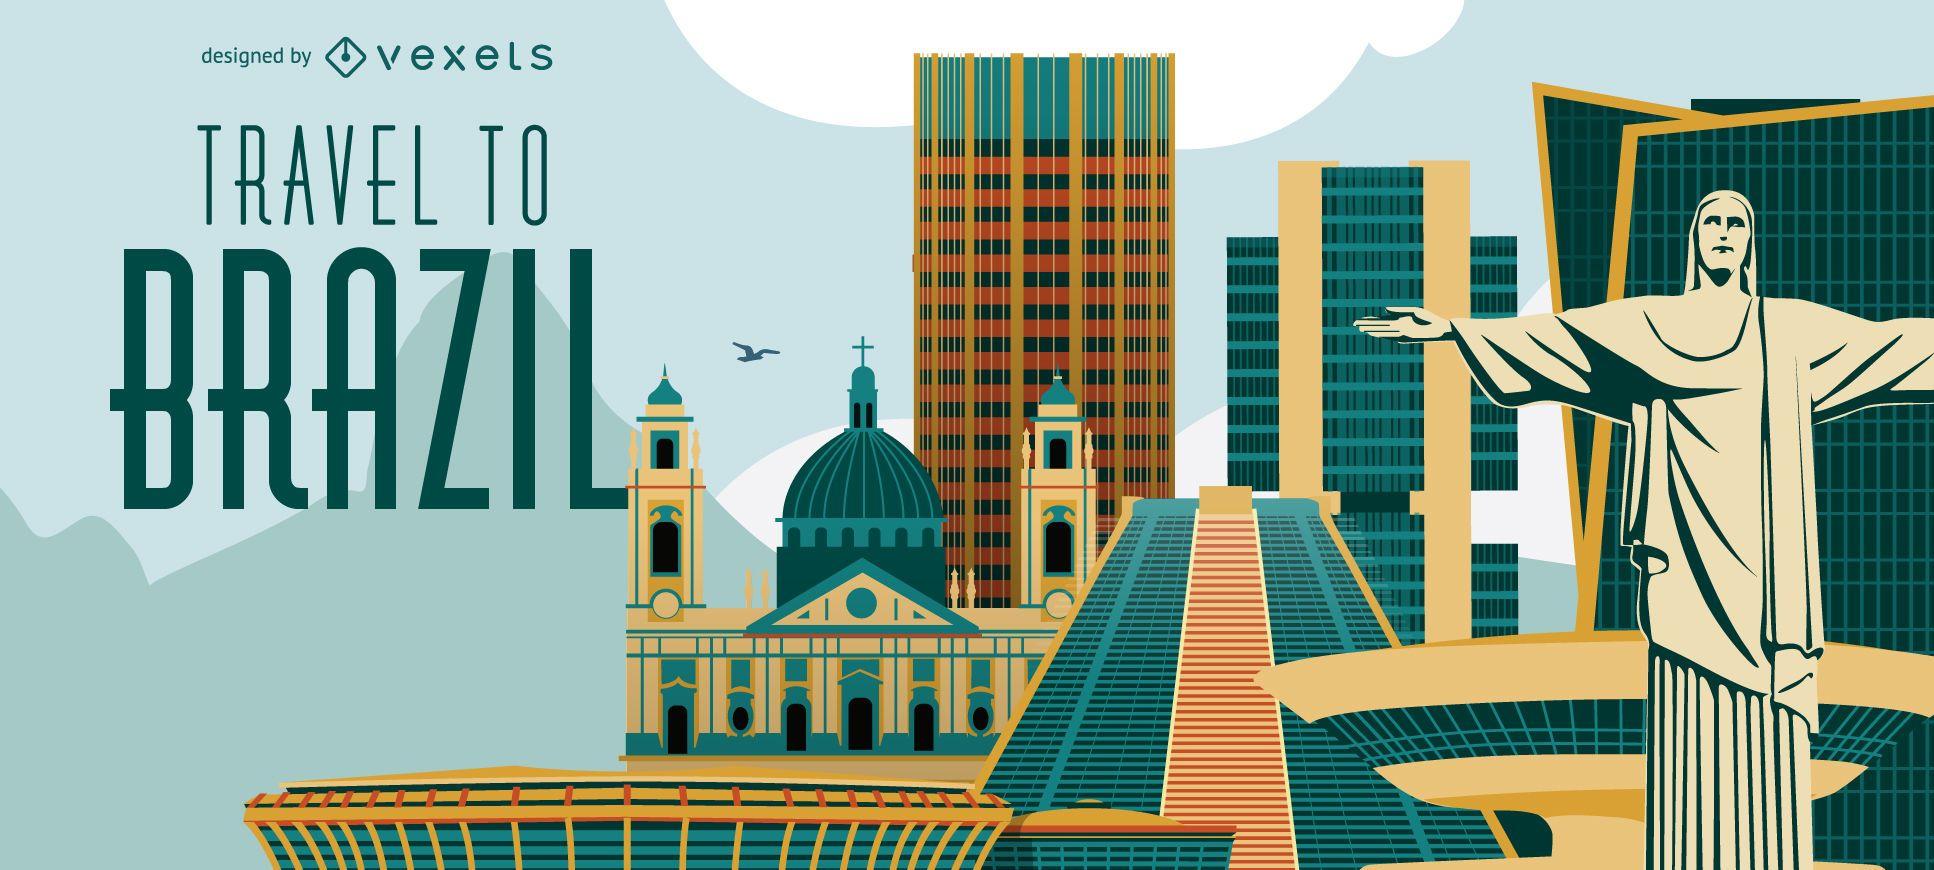 Travel to Brazil banner skyline